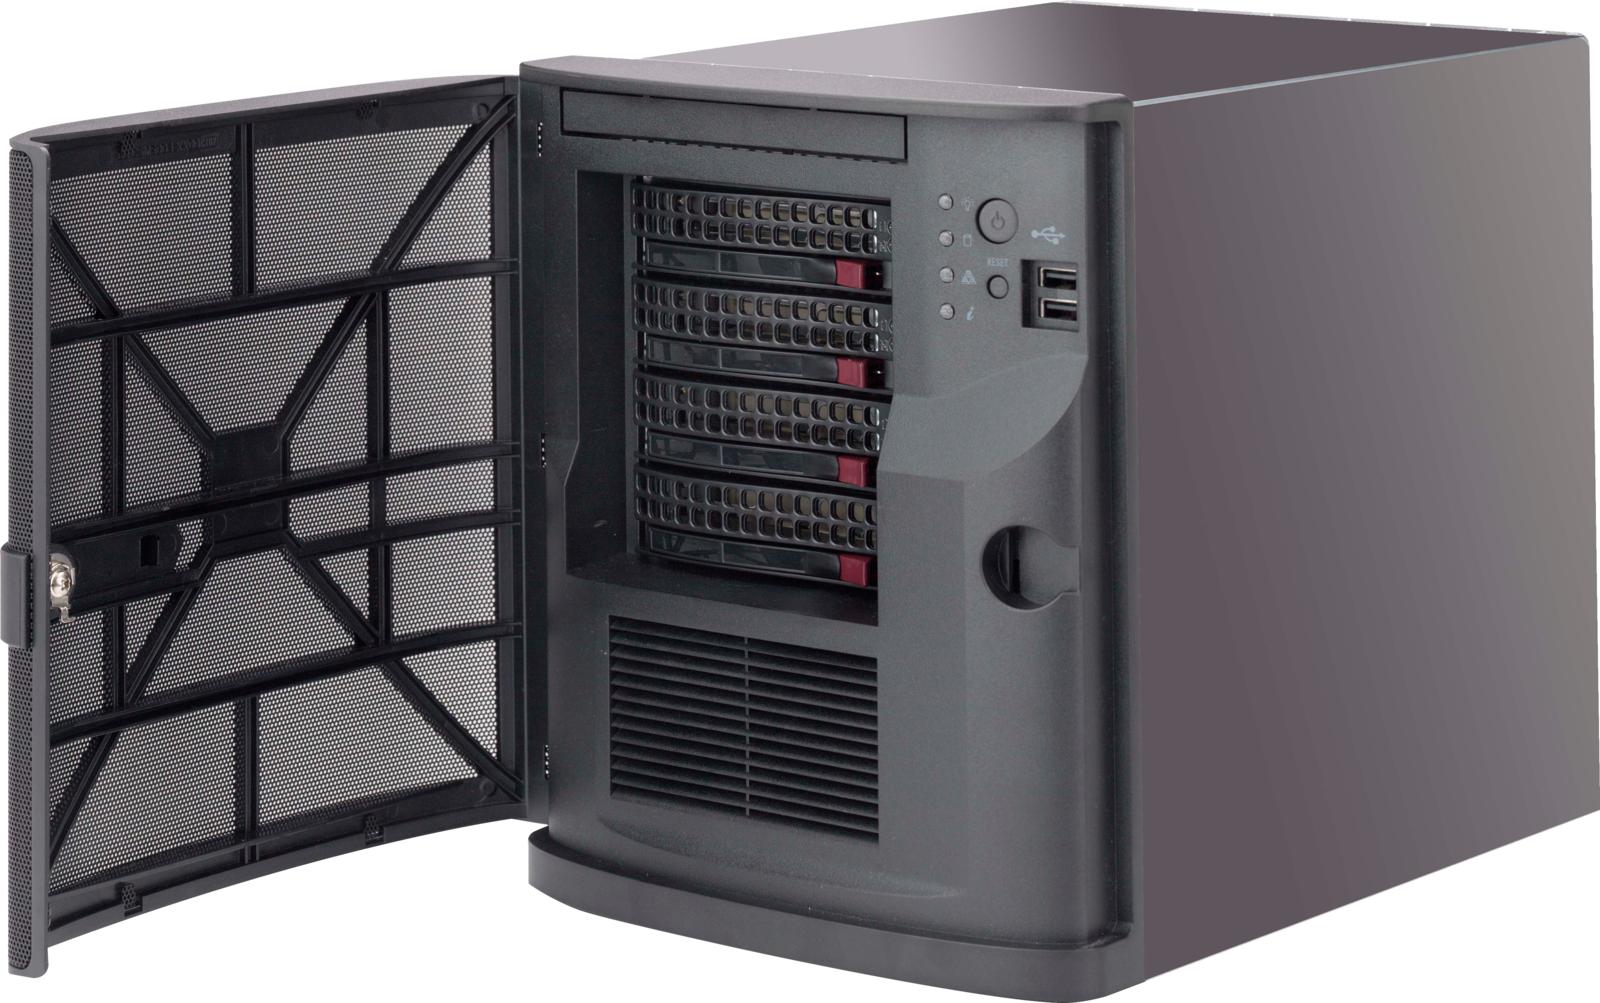 Ernitec Mini Cube Server